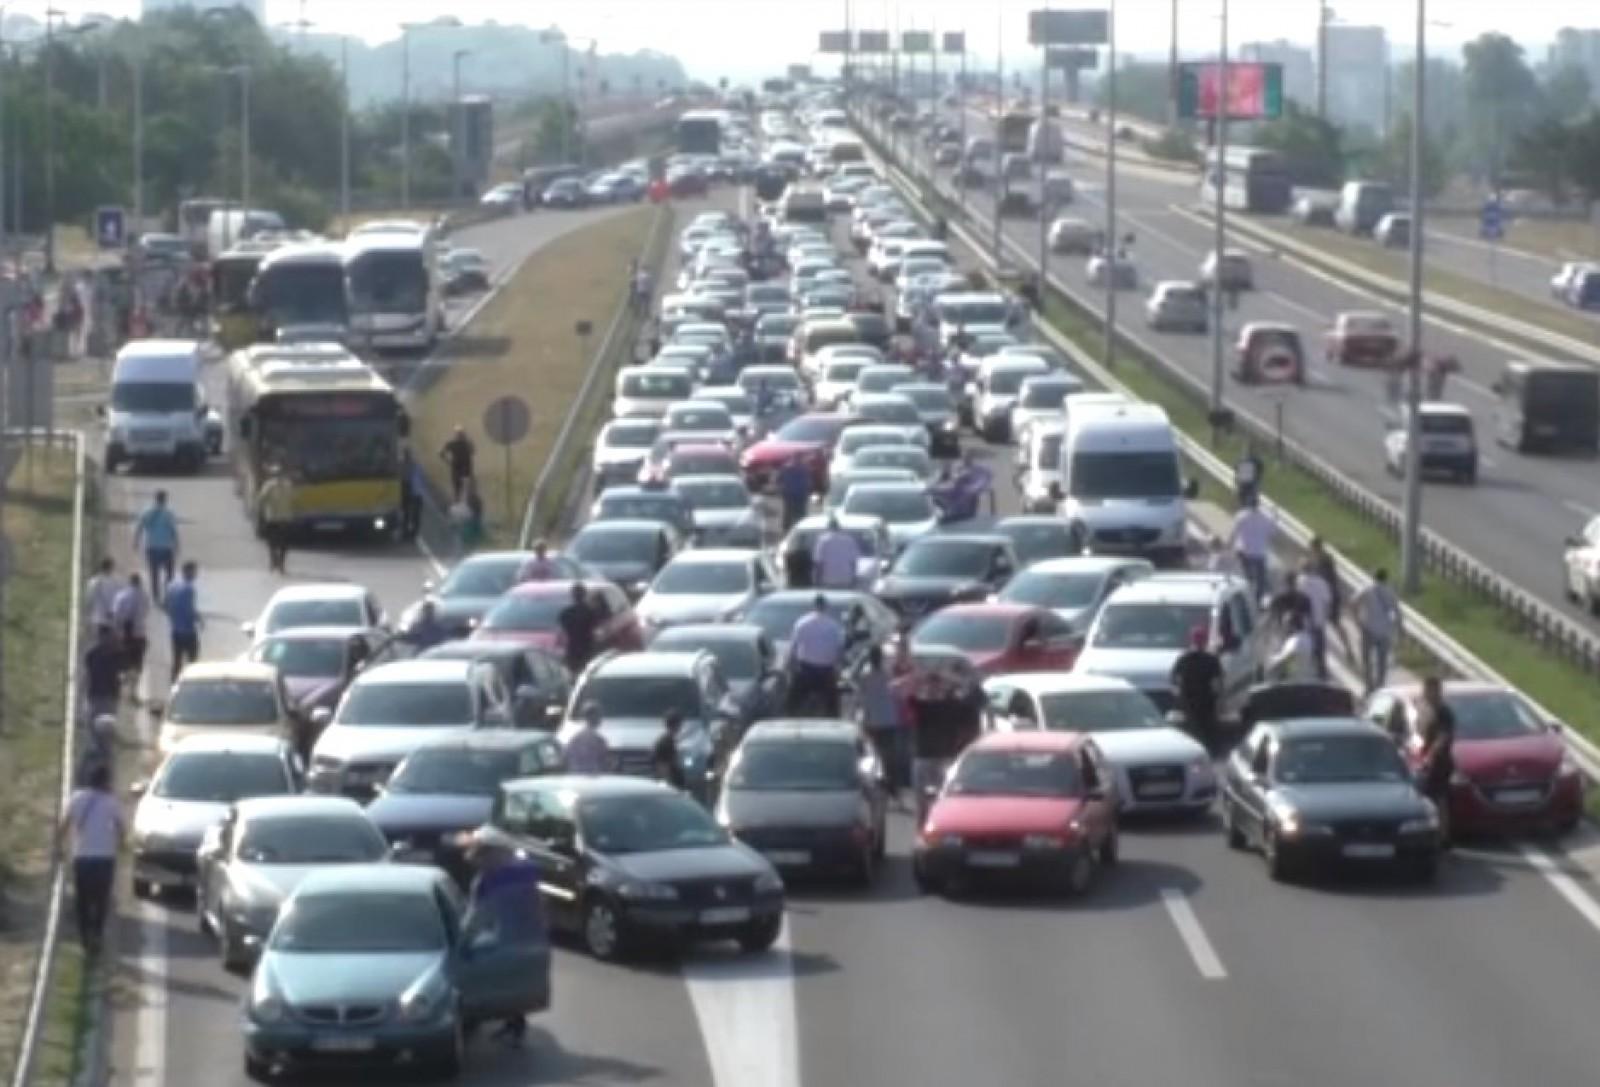 (video) Protest de amploare în Serbia: Zeci de mașini s-au oprit în mijlocul drumului pentru a se opune scumpirii carburanților